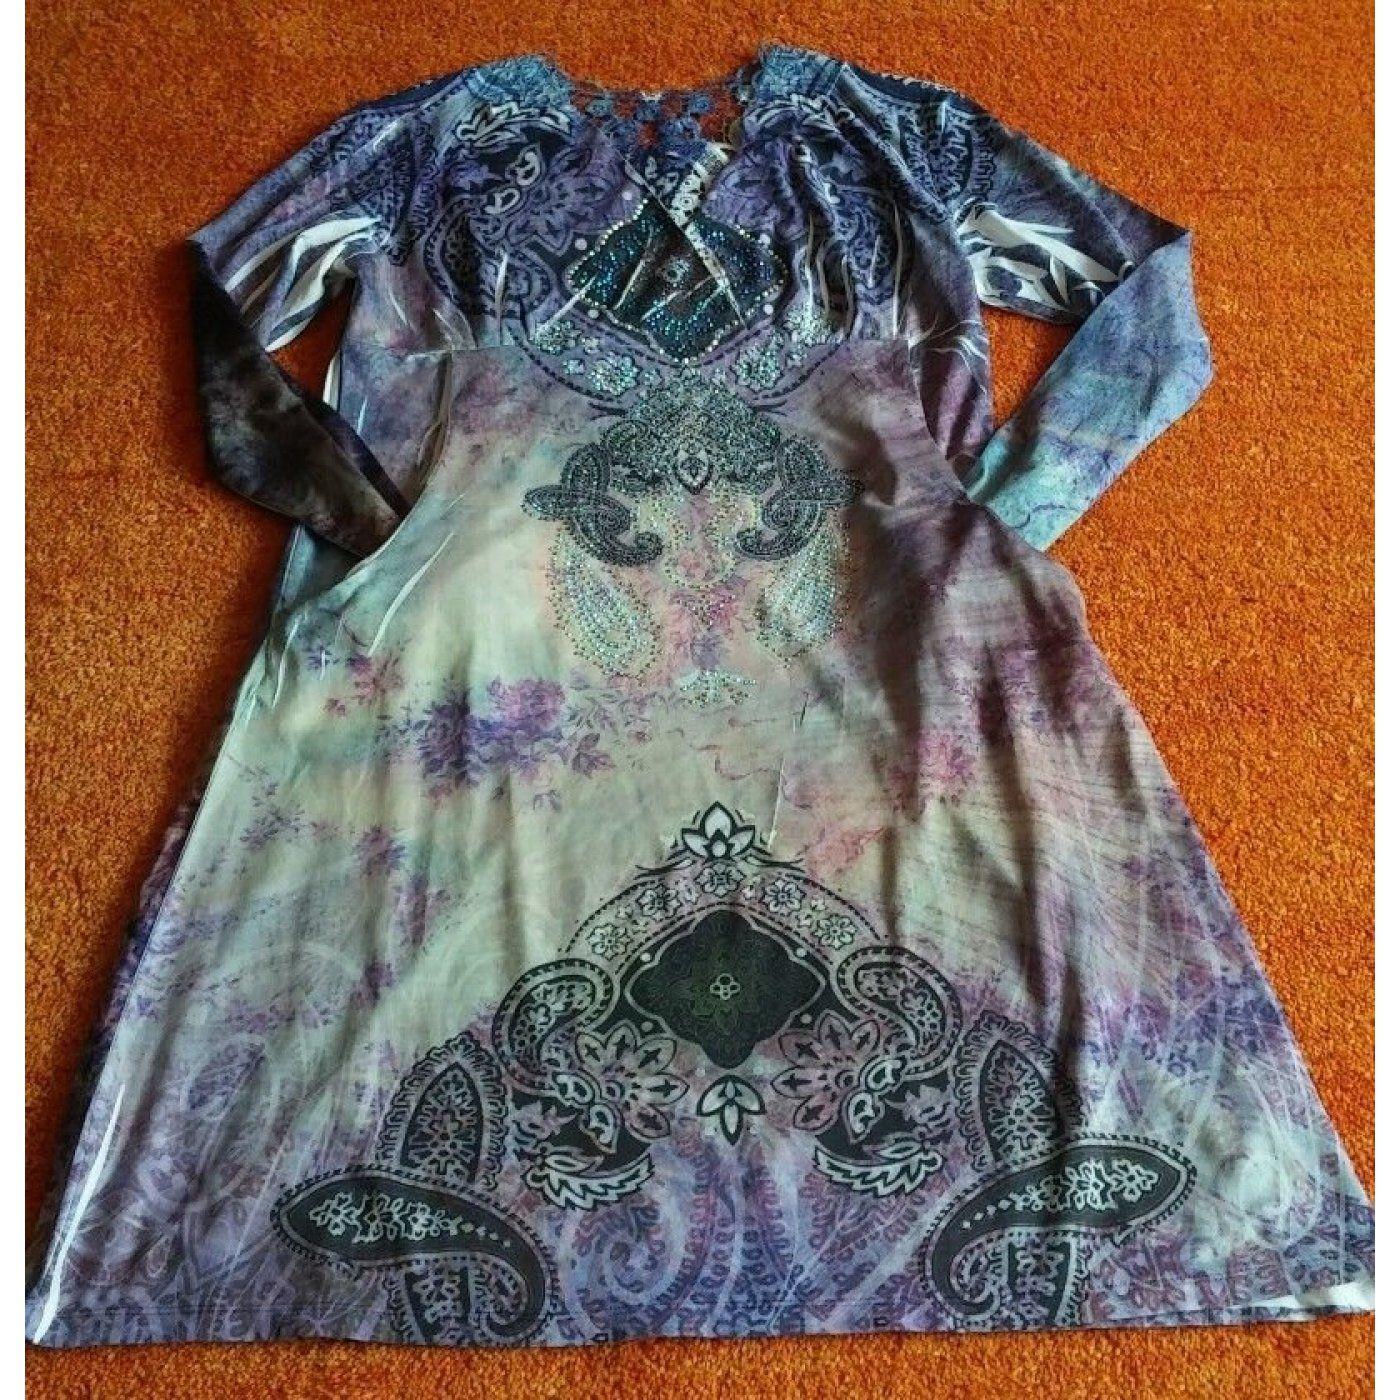 Pin von Sara auf Kleidung   Kleidung, Modestil, Kleider